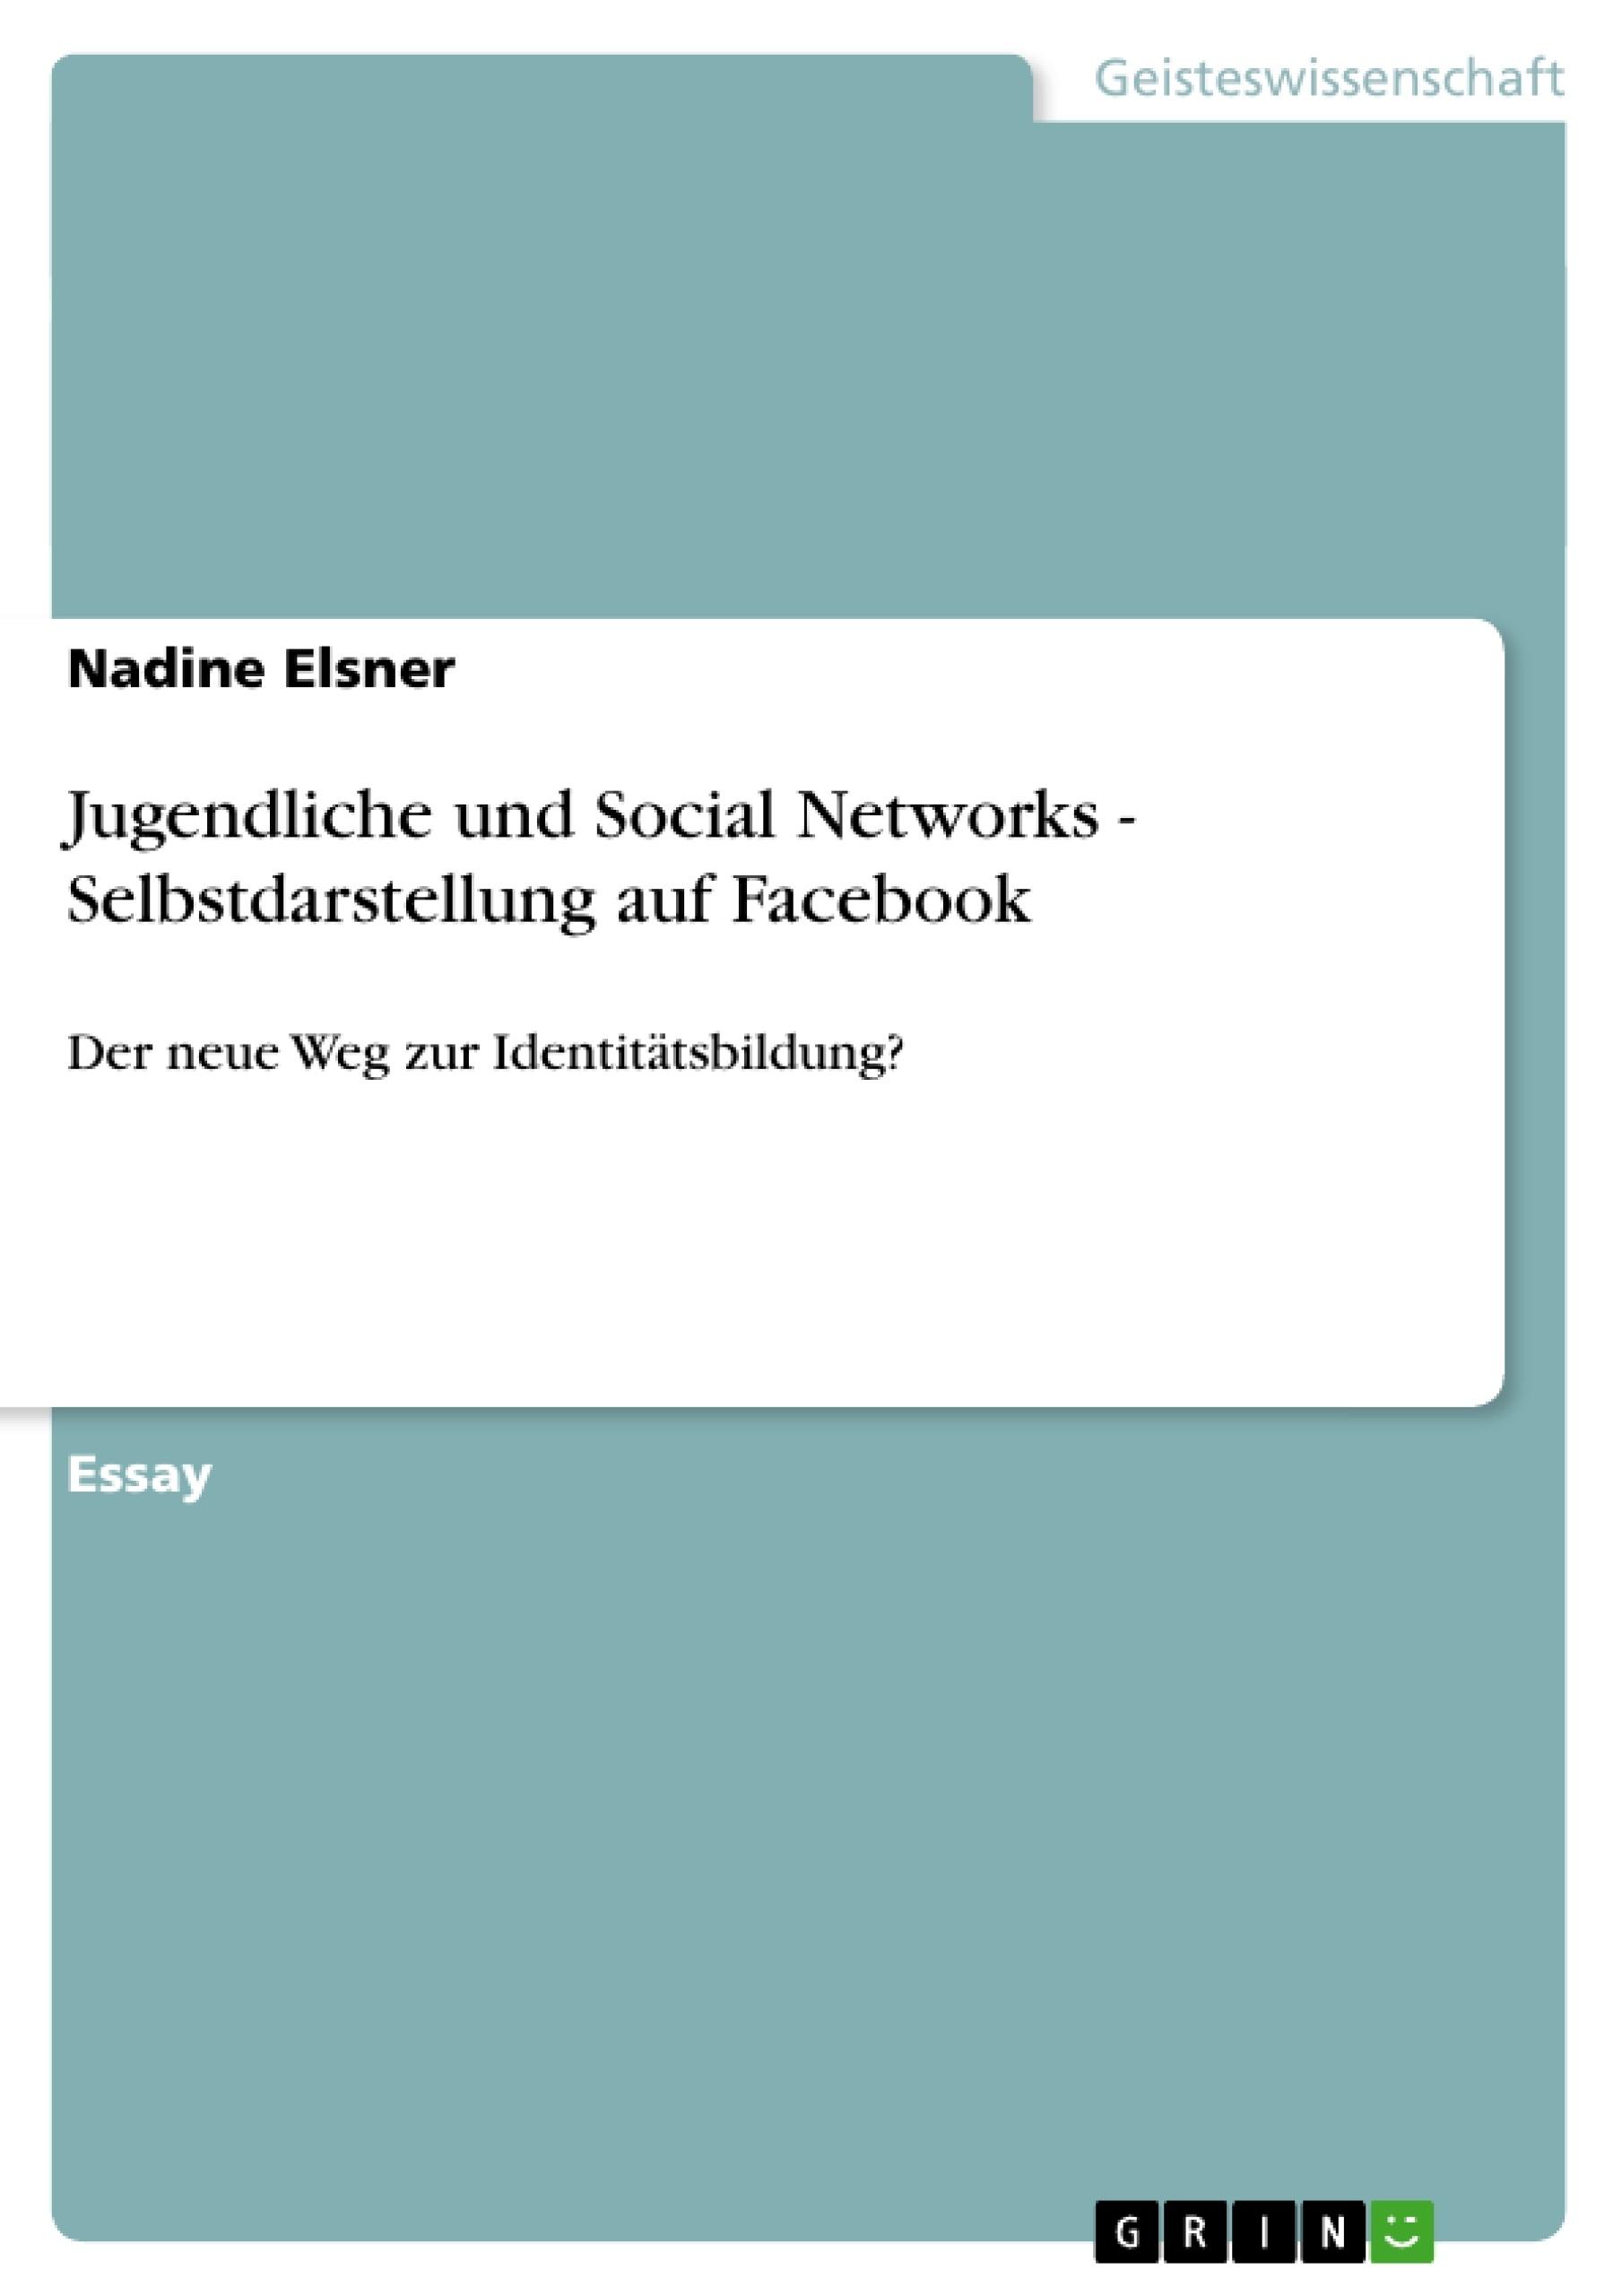 Titel: Jugendliche und Social Networks - Selbstdarstellung auf Facebook